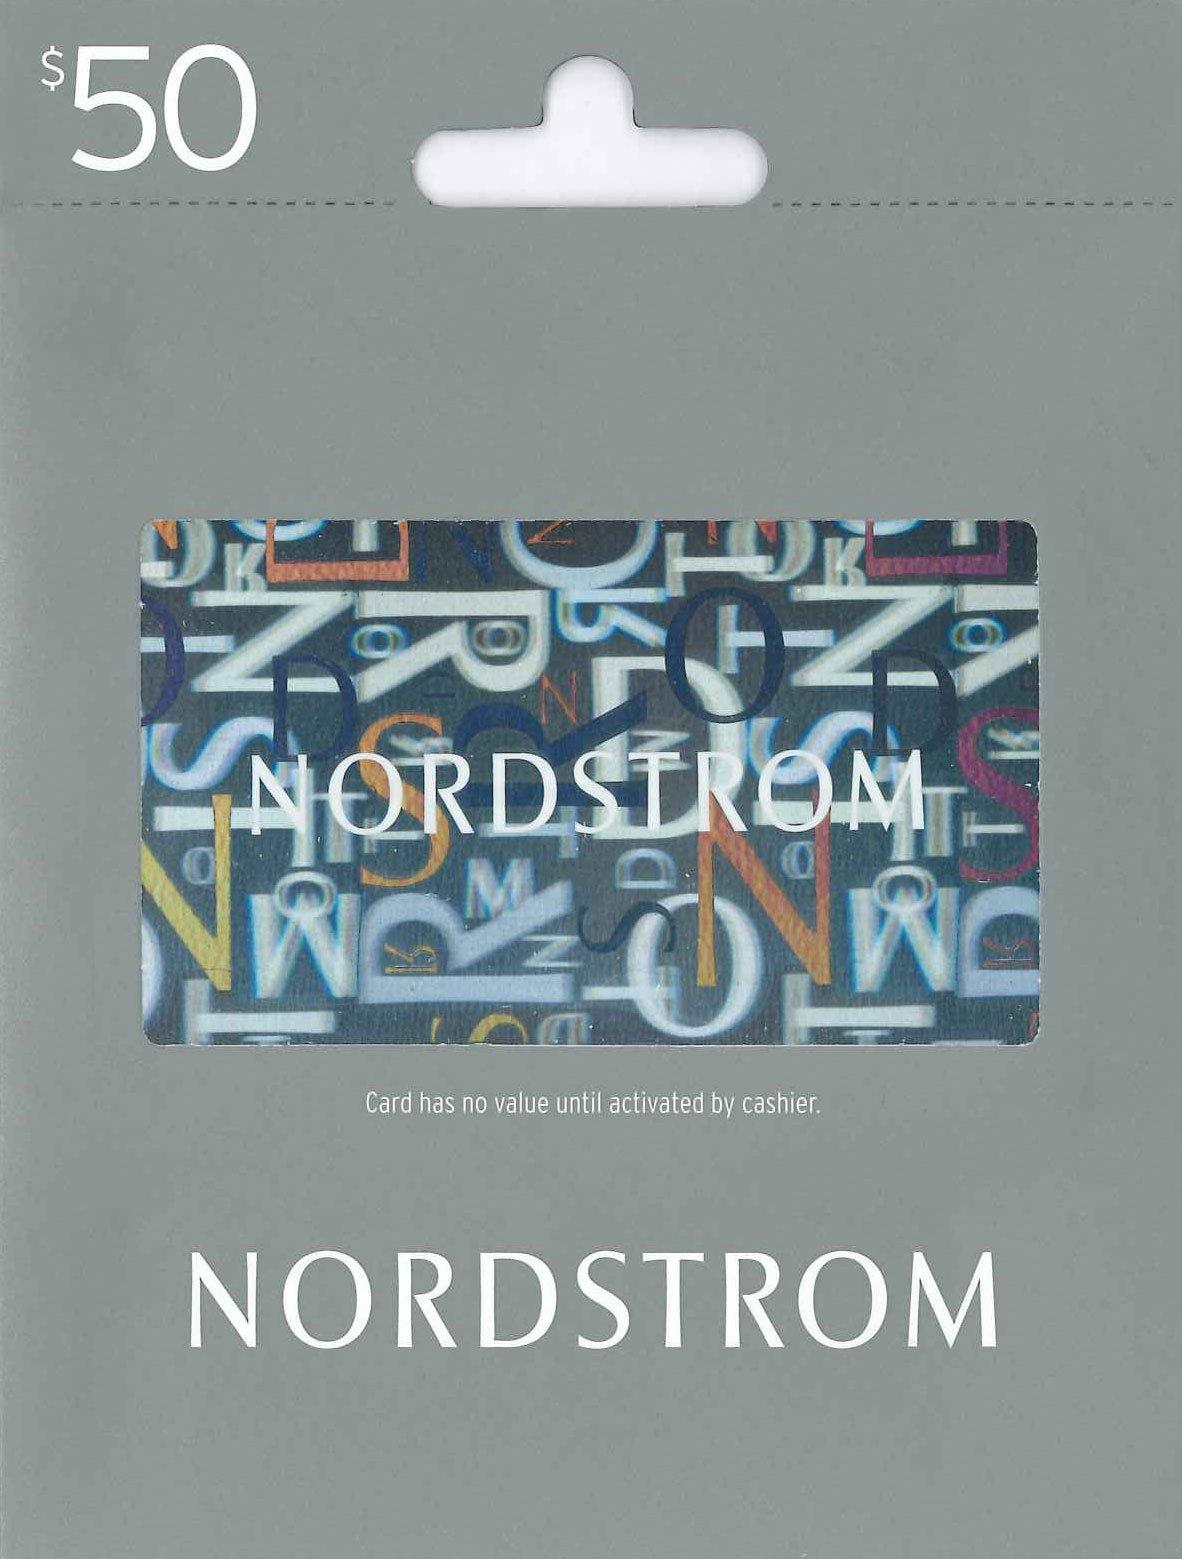 Buy Nordstrom Now!